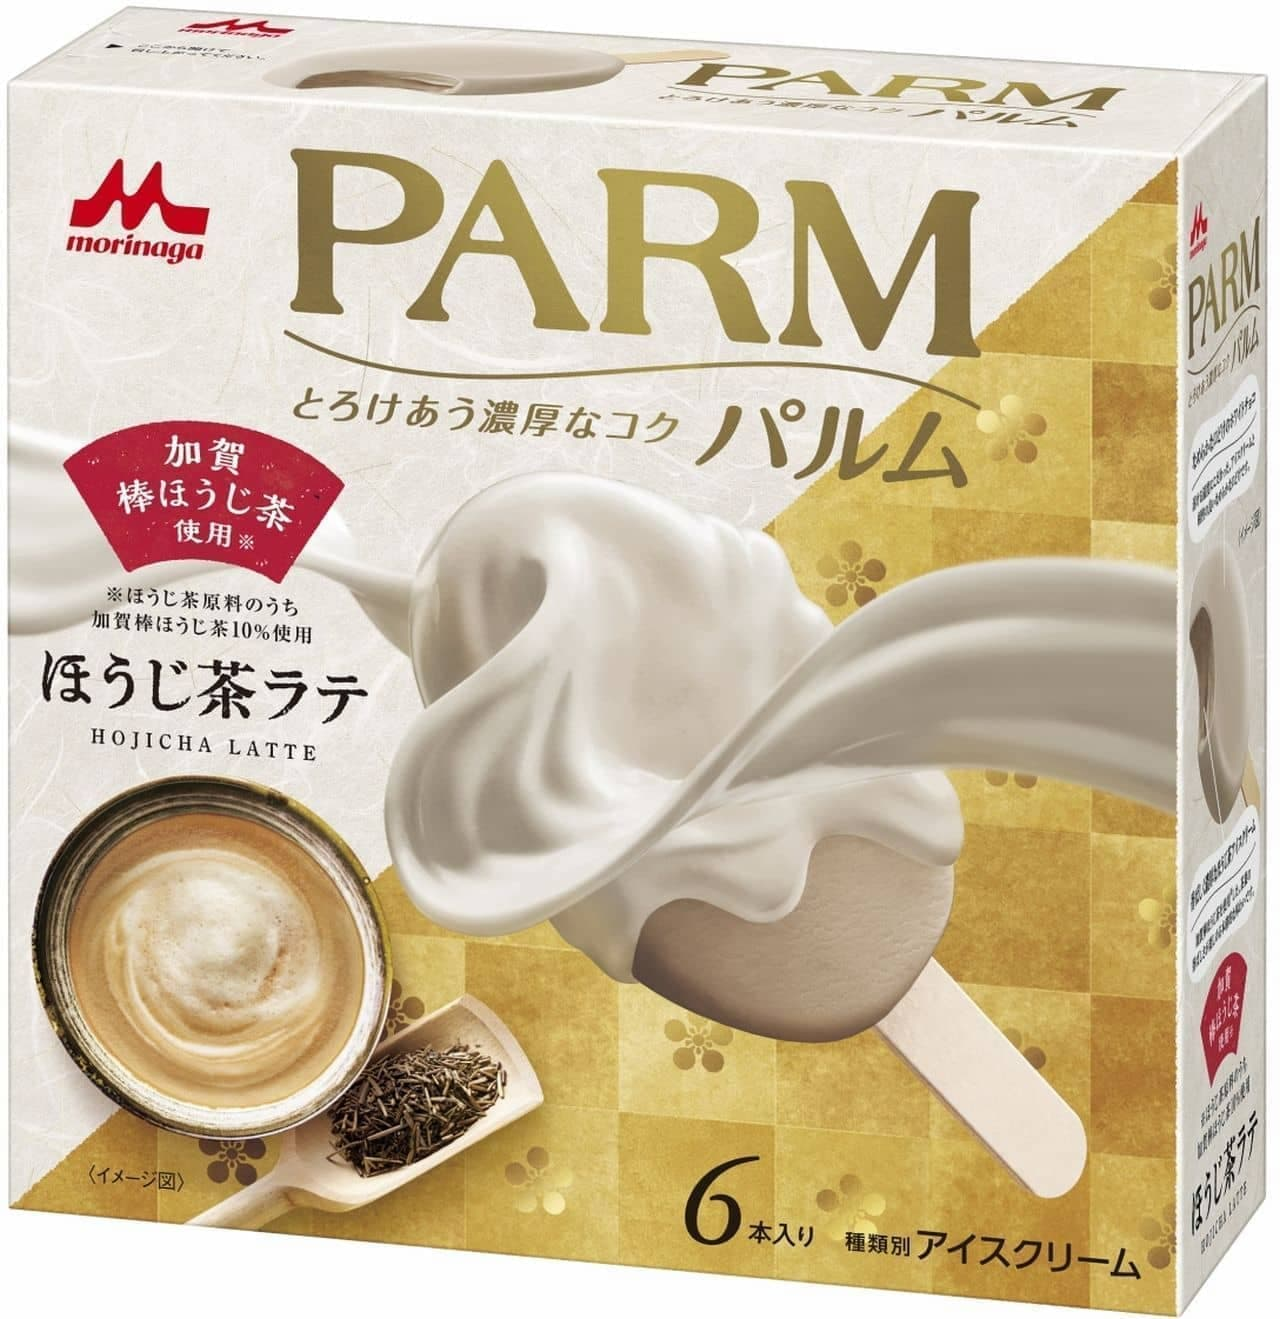 PARM(パルム)「PARM ほうじ茶ラテ(6本入り)」